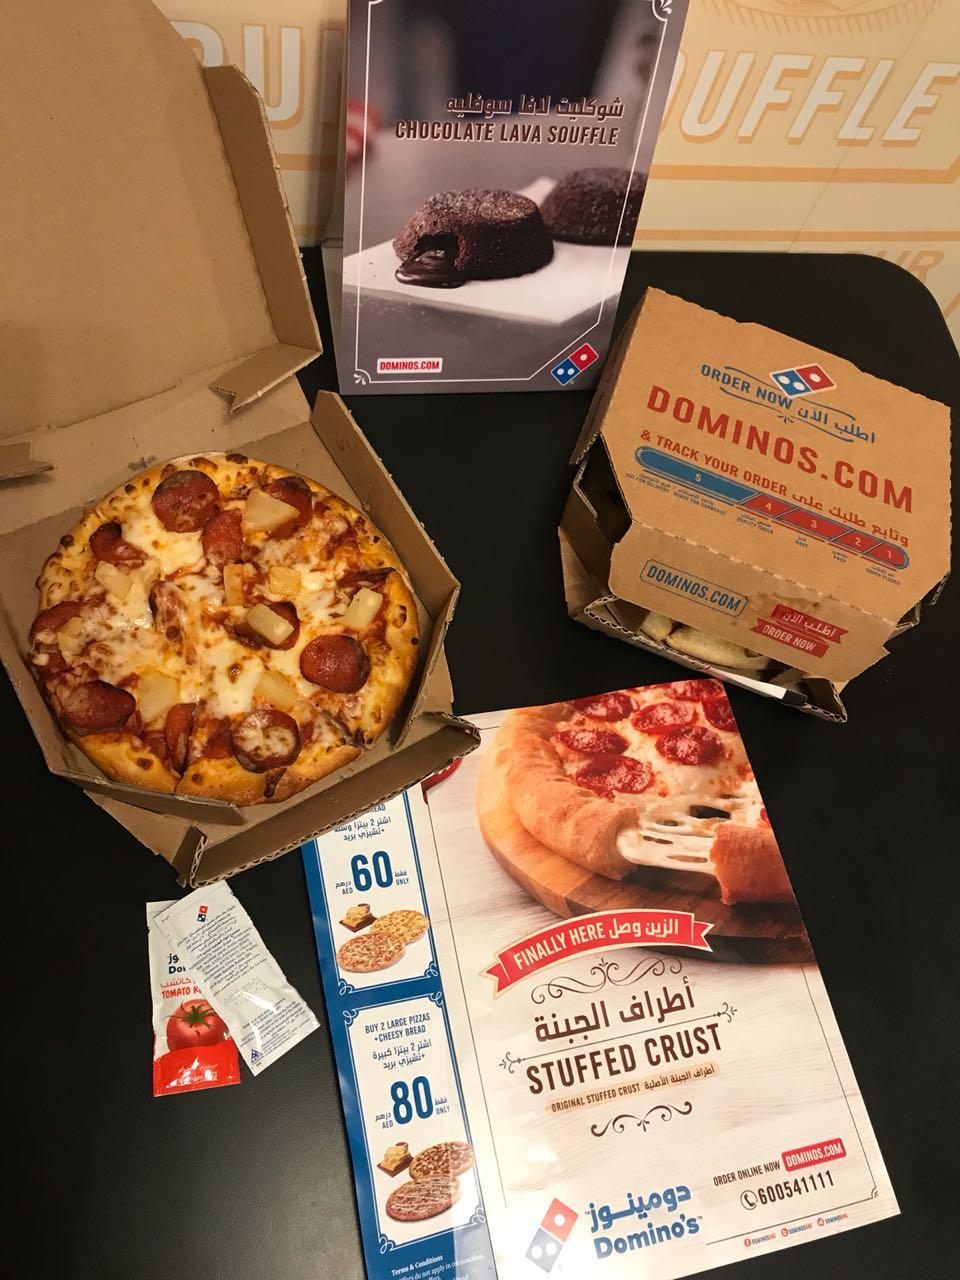 Domino's Pizza opens 3 news stores in Dubai - The Filipino Times